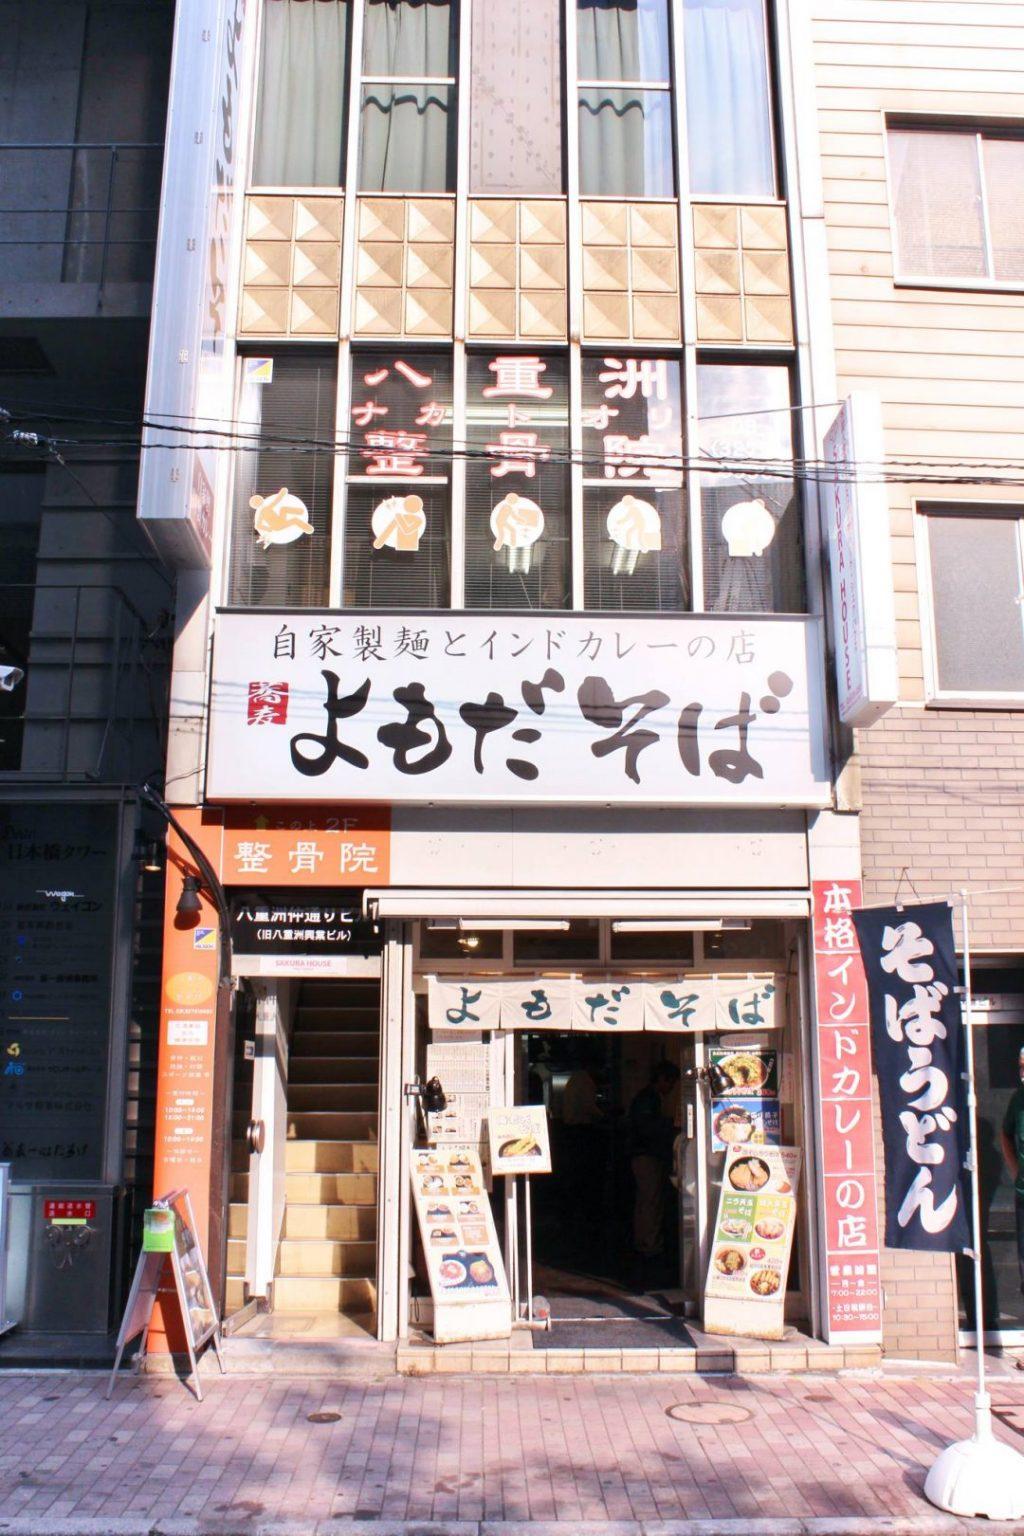 東京駅周辺の店・よもだそば